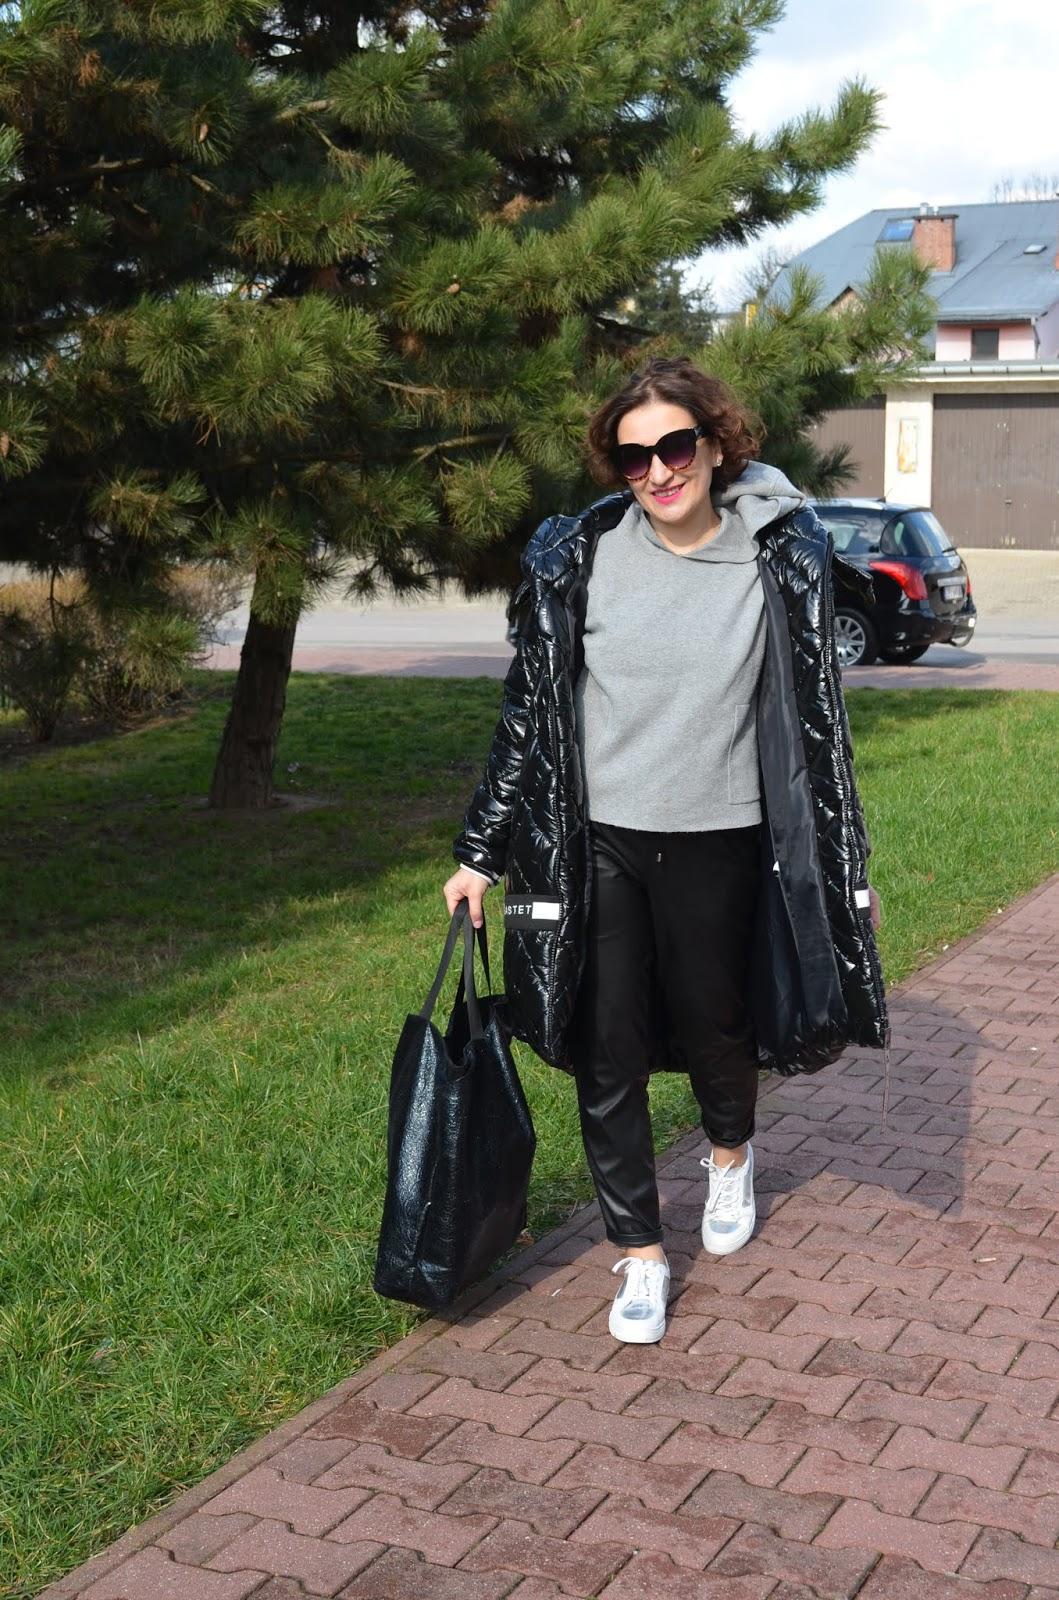 Adriana Style Blog, black vinyl bastet coat, bluza reserved, buty lasocki, codzienna stylizacja, Fashion, kurtka bastet, Michael Kors Watch, moda, Sporty Casual Look, www.adriana-style.com, zegarek michael kors